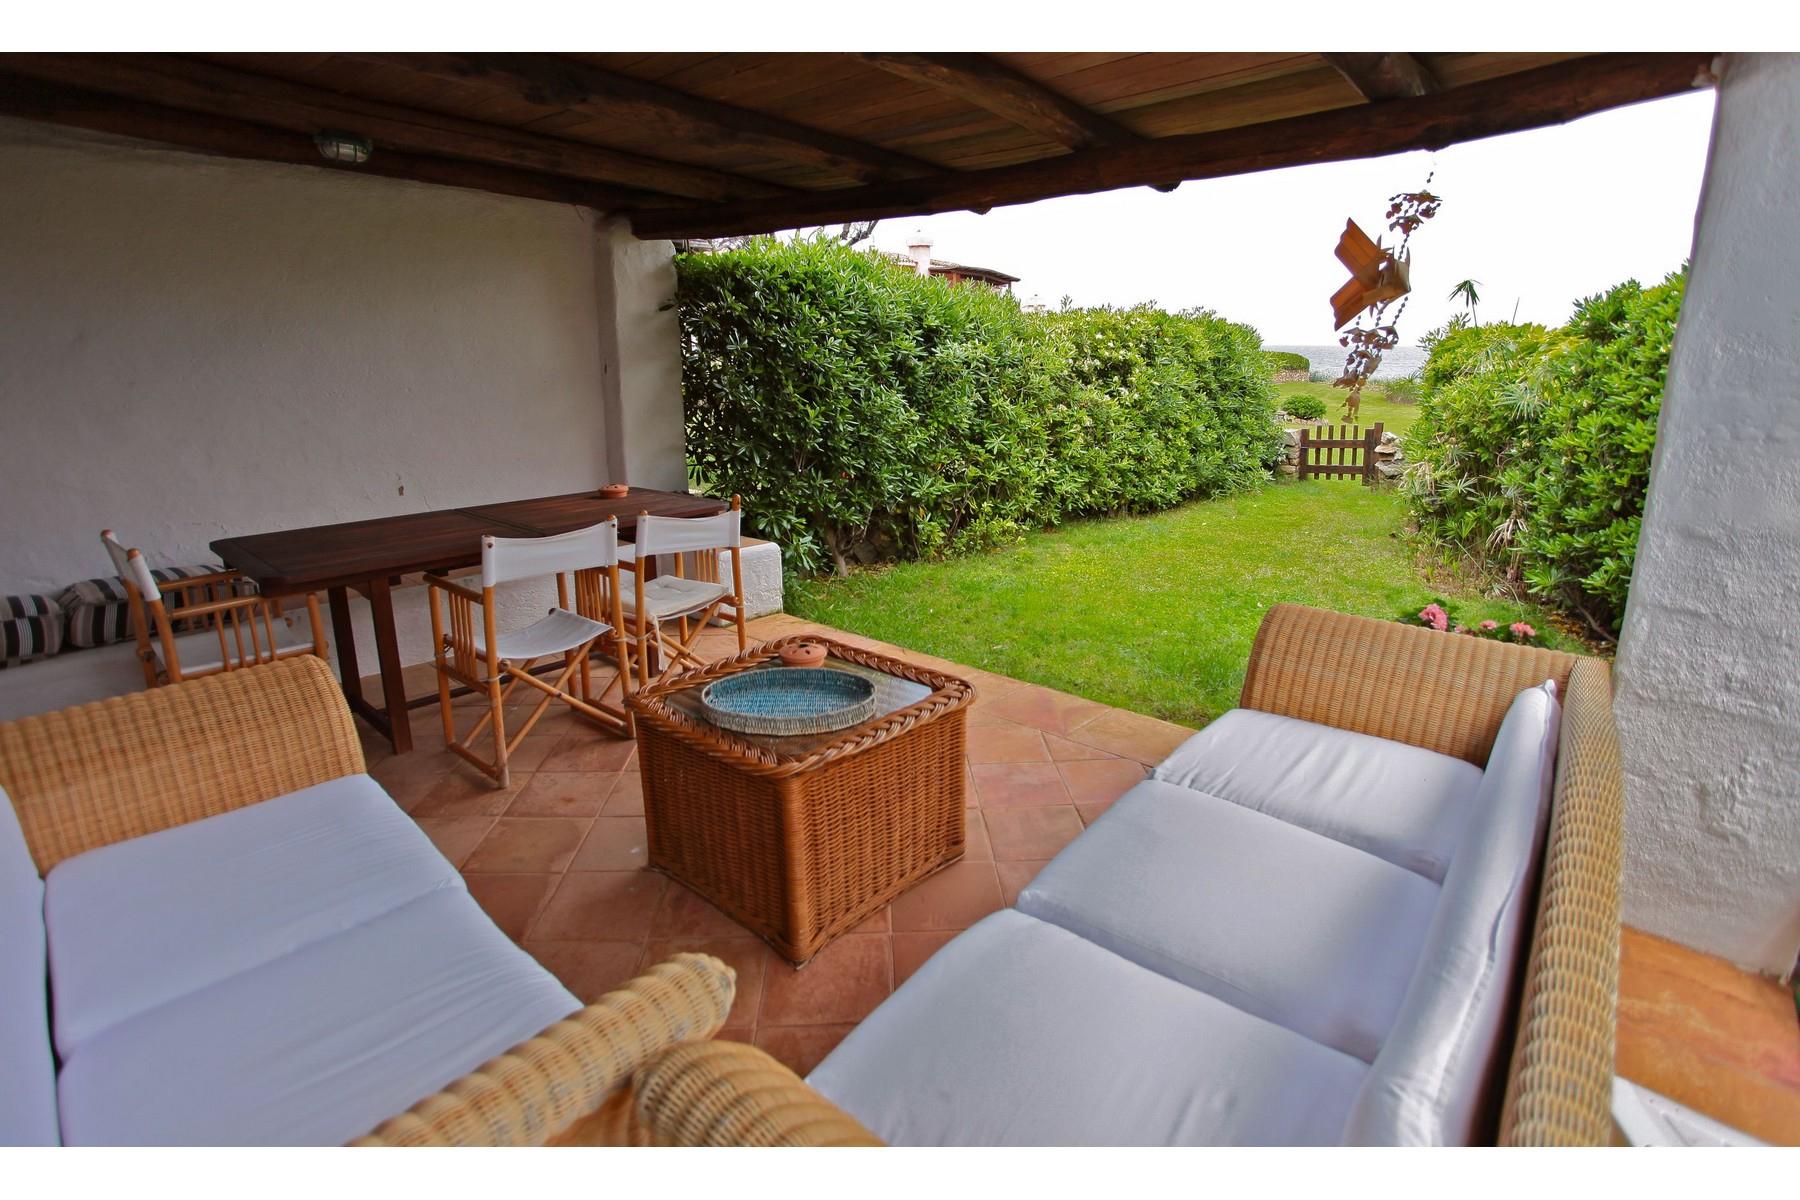 Casa indipendente in Vendita a Arzachena: 5 locali, 117 mq - Foto 1